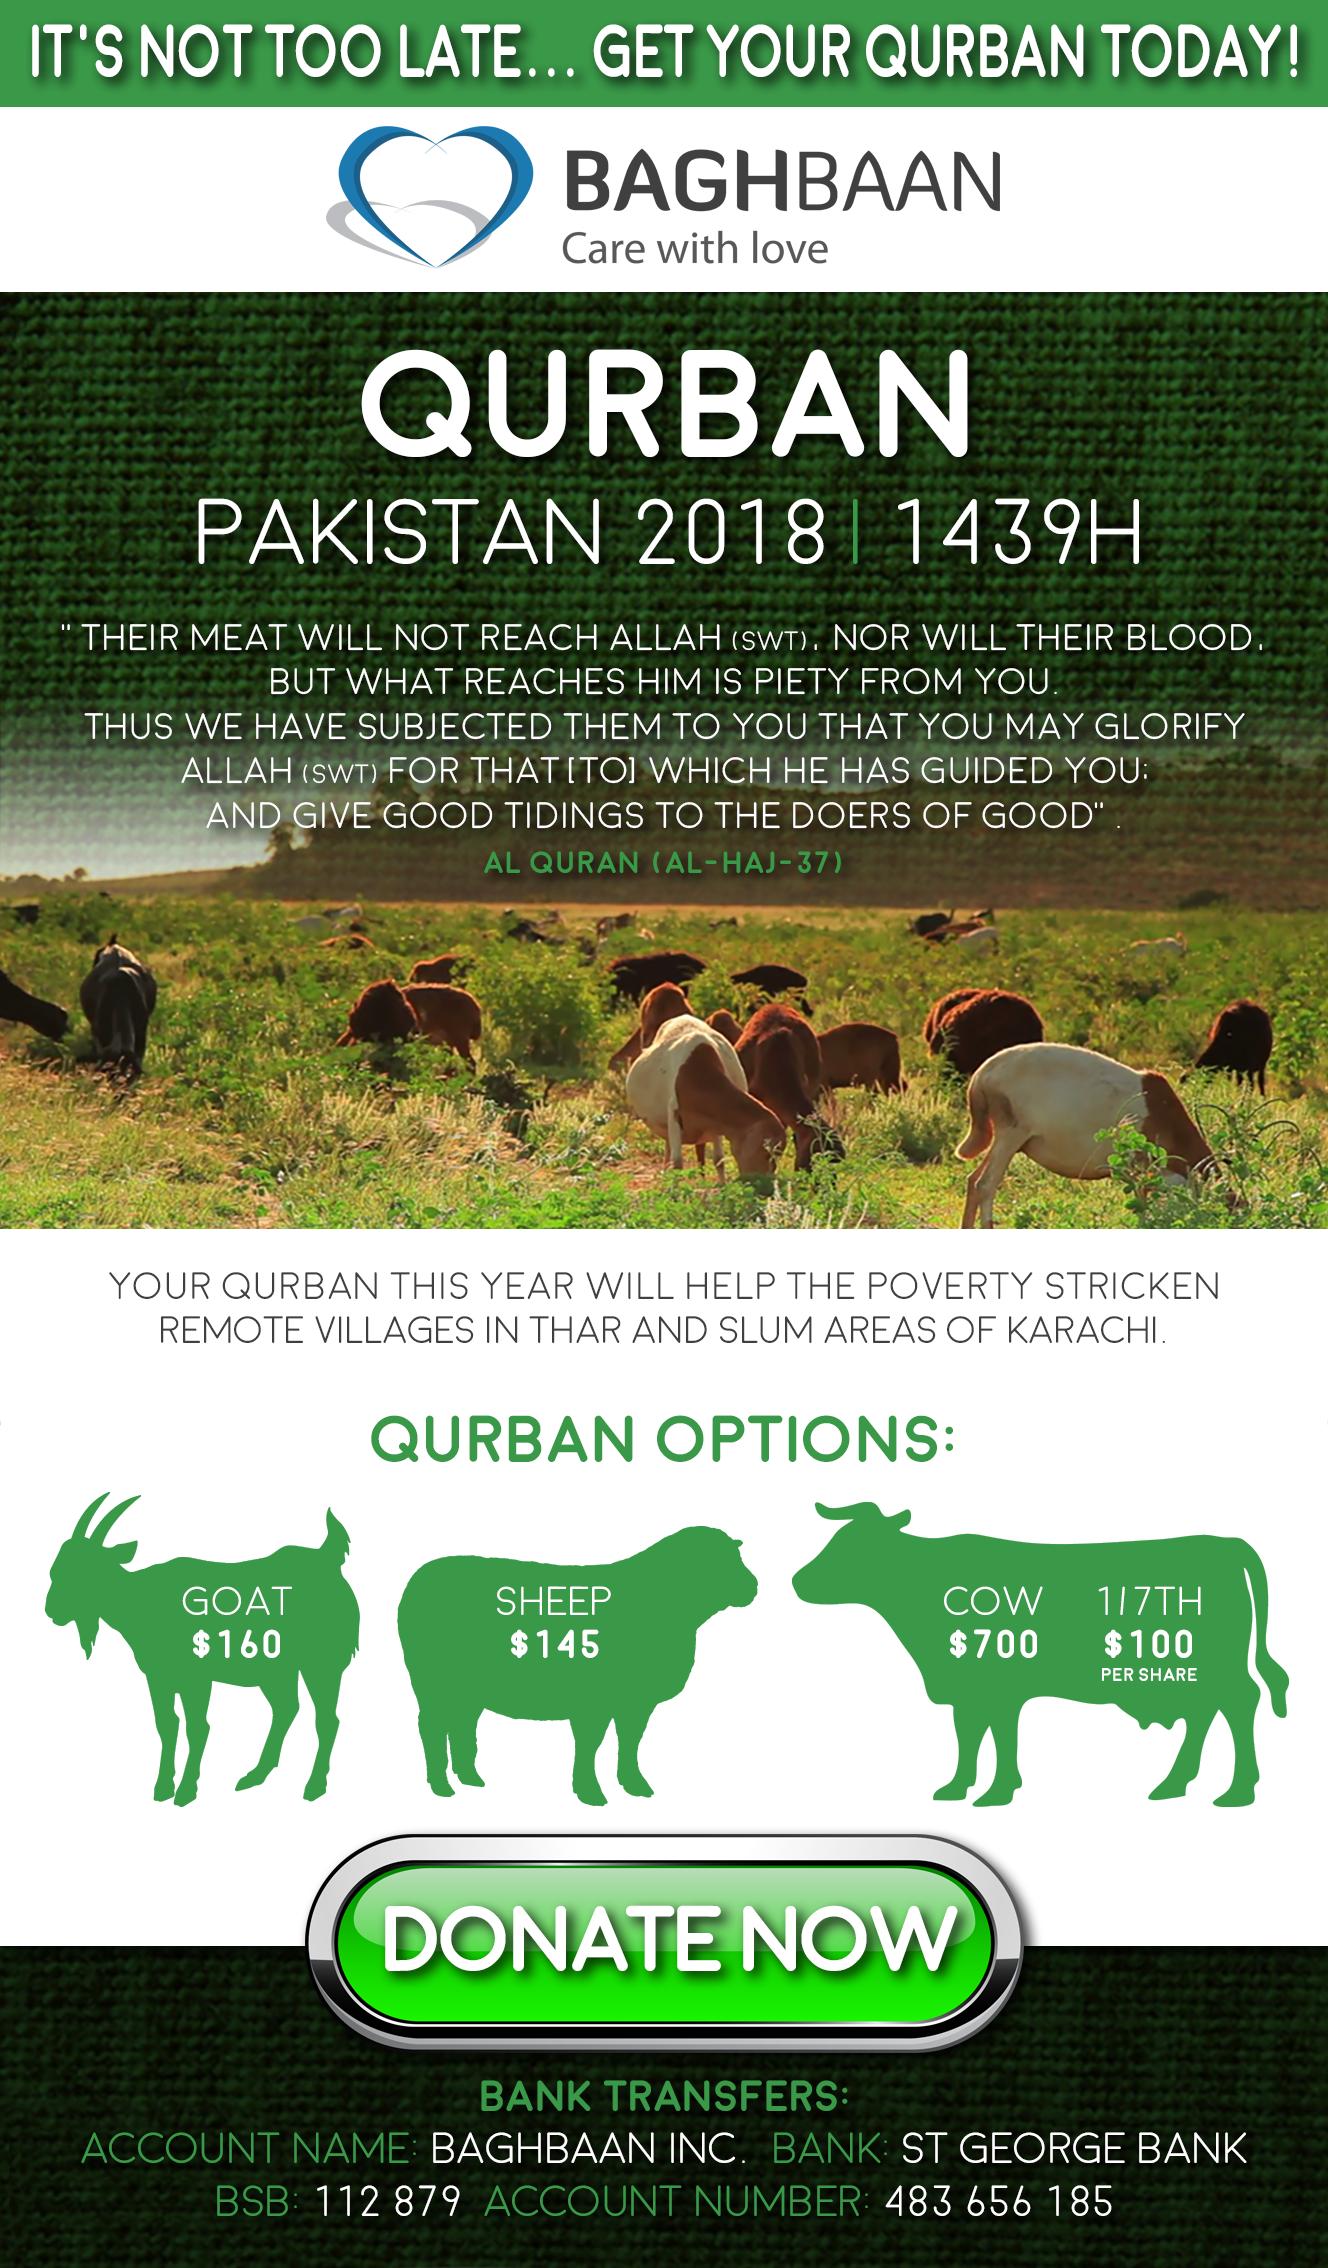 Qurban 2018